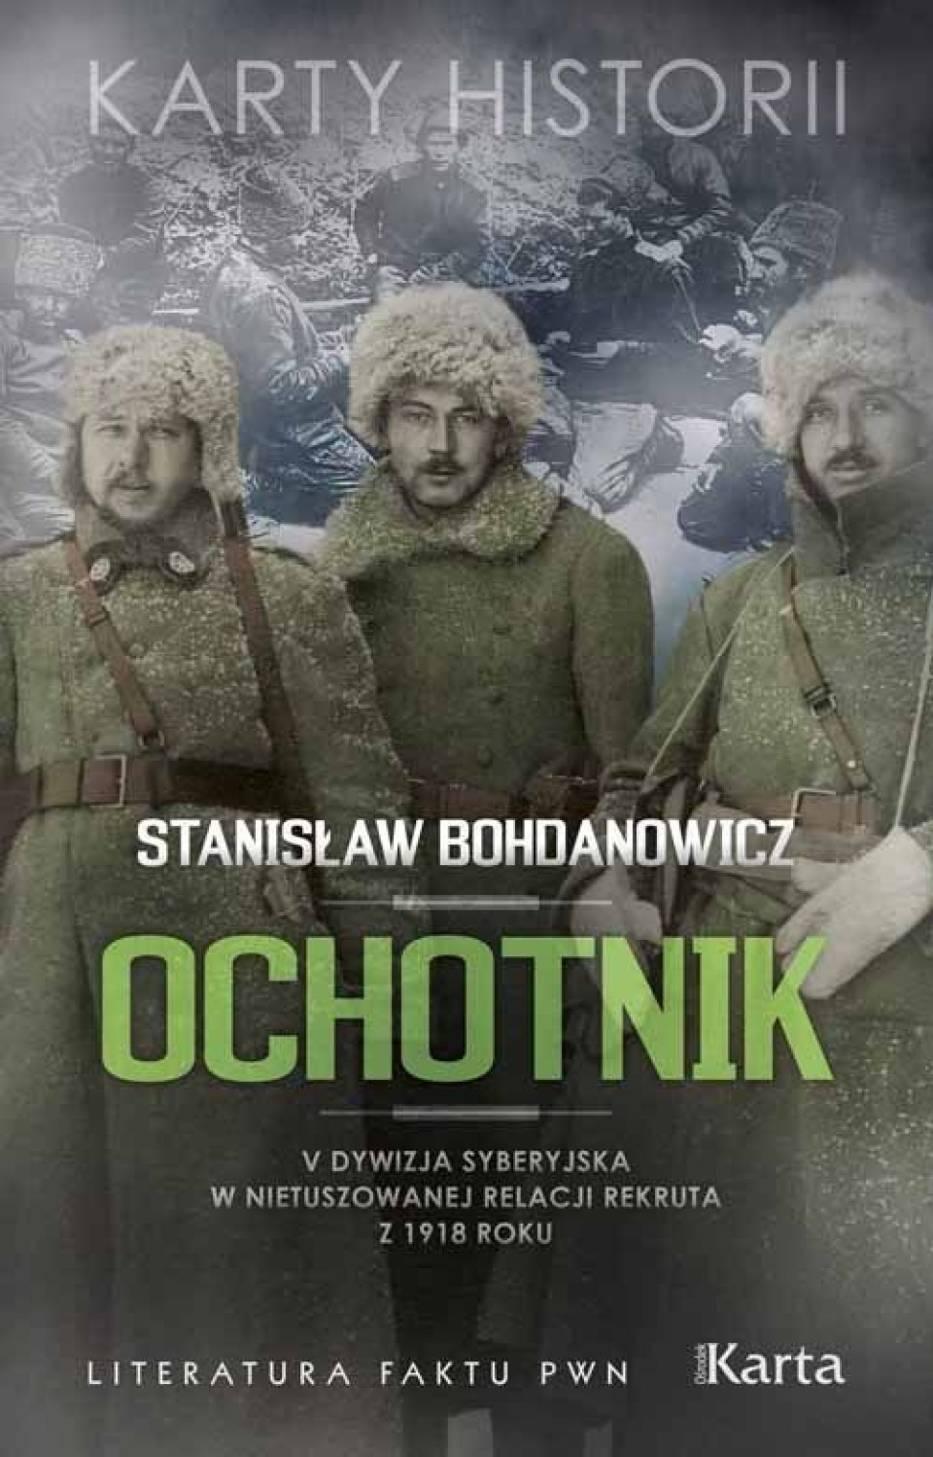 """Stanisław Bohdanowicz – """"Ochotnik"""